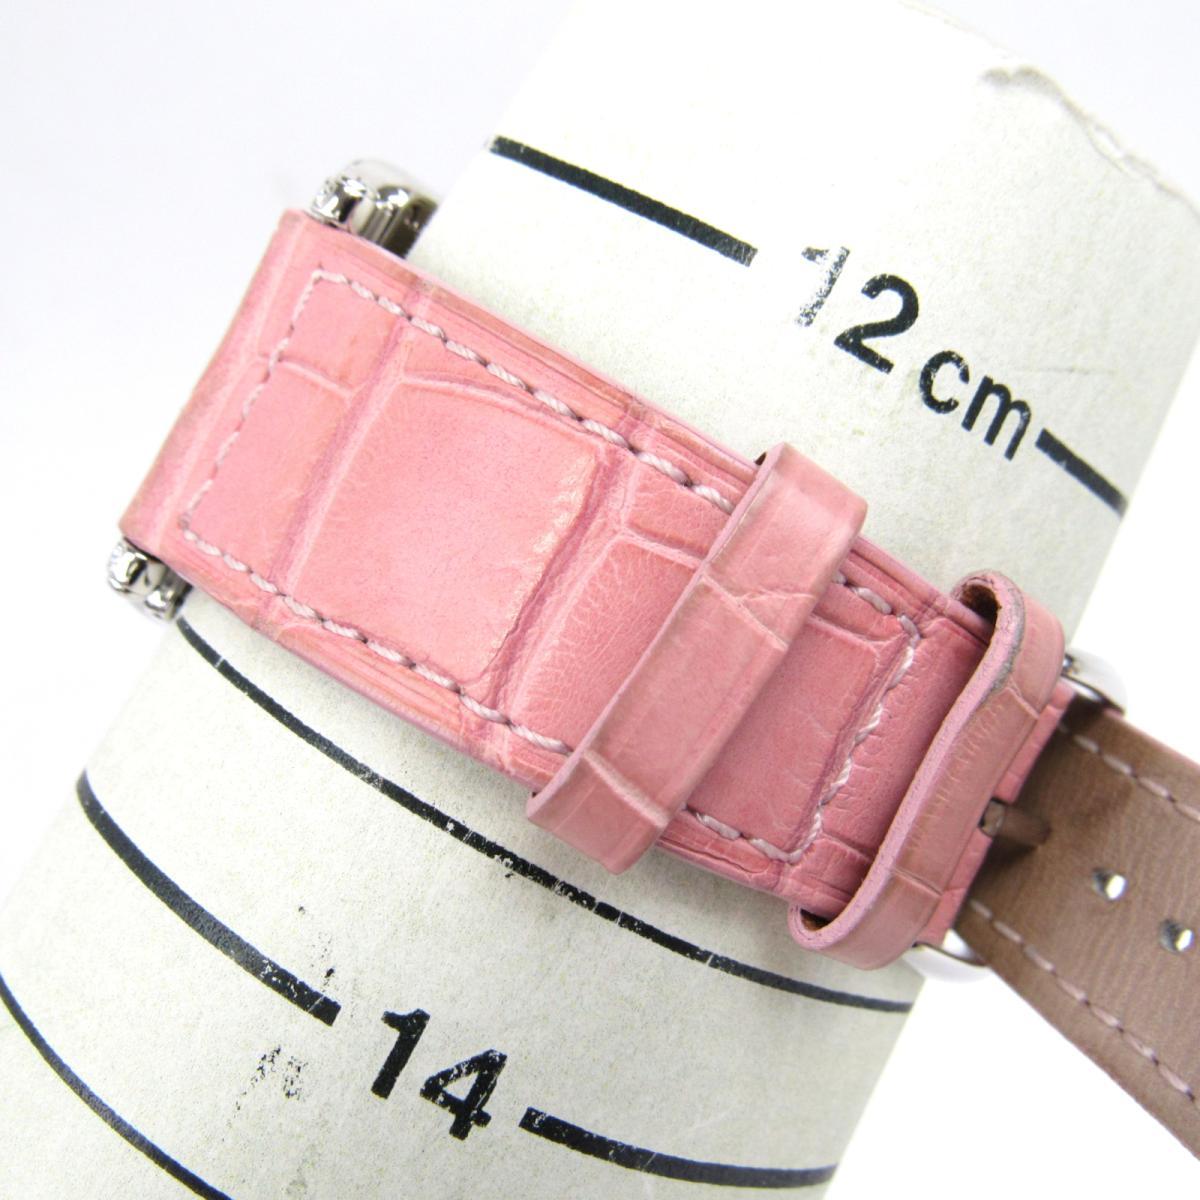 FRANCK MULLER 時計 6002L マスタースクエア ベゼルダイヤモンド ウォッチ 腕時計